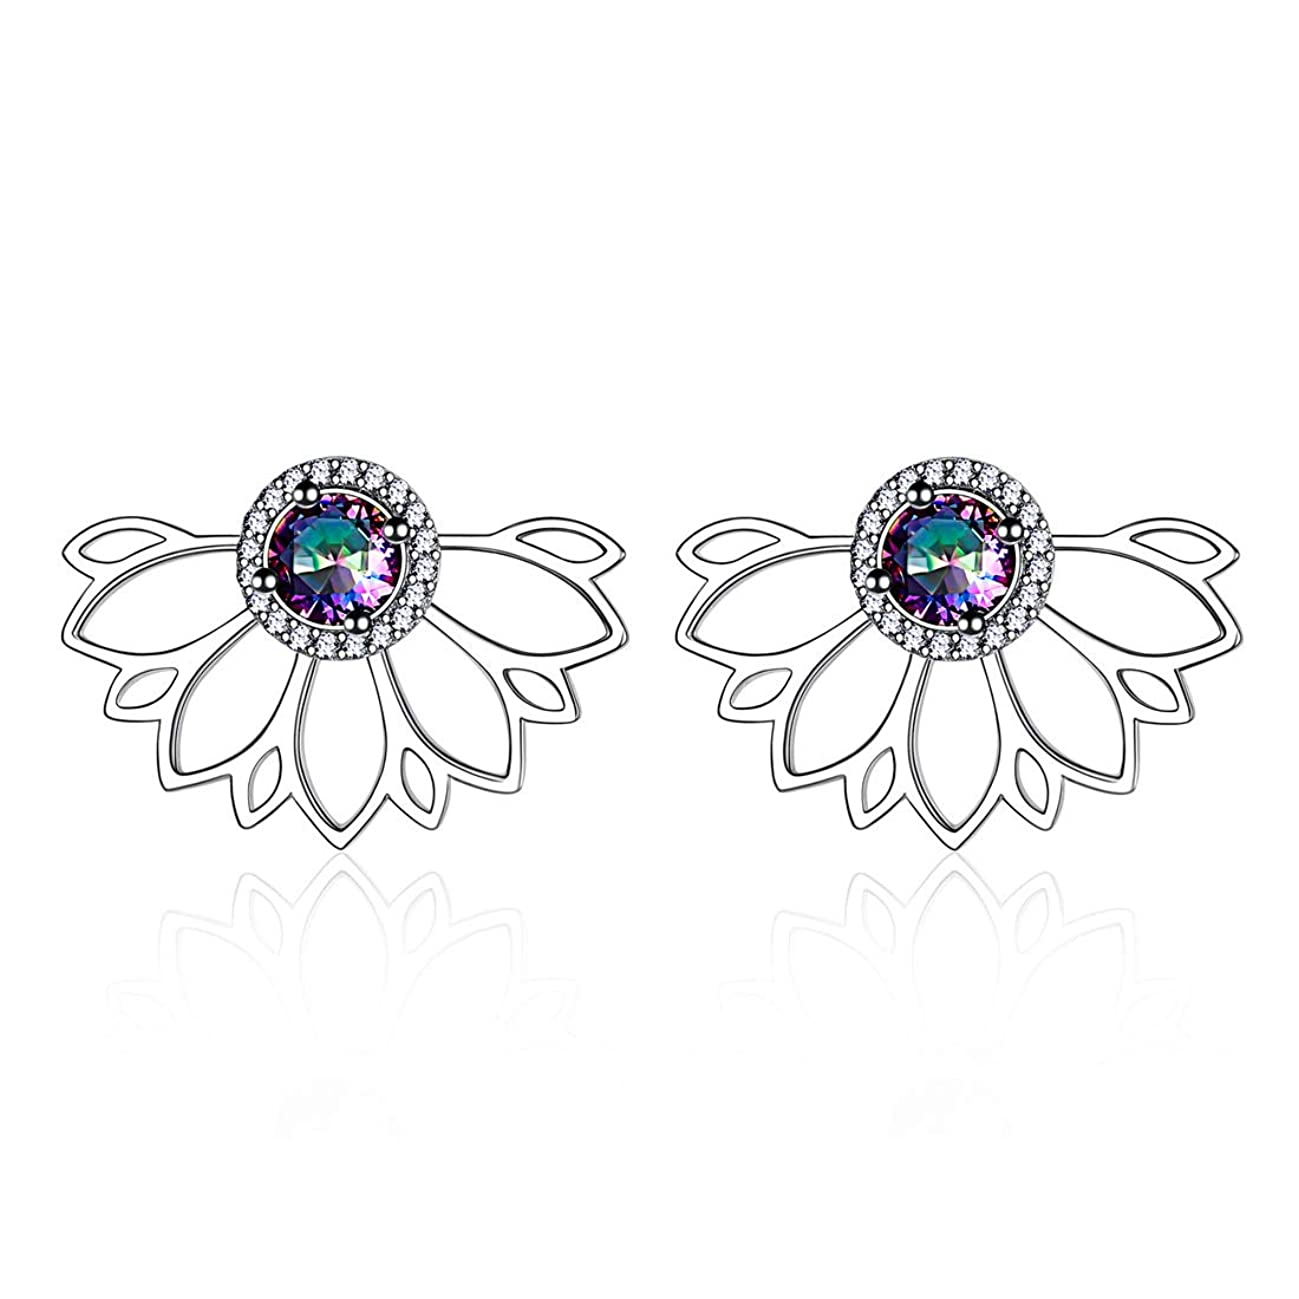 ChicSilver Ear Jacket Stud Lotus Flower Earrings for women girls, 925 Sterling Silver Mystic Topaz Stud Earrings Chic Jewelry